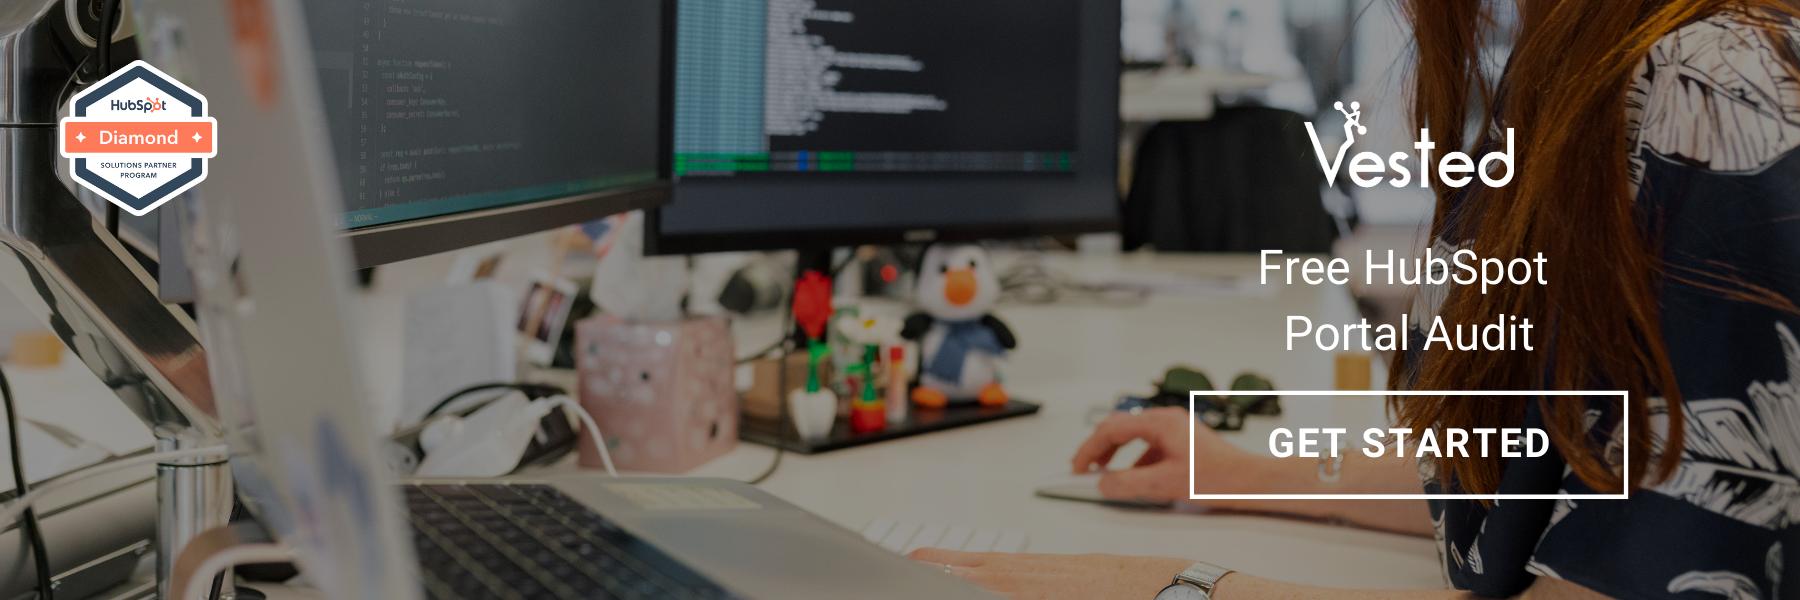 HubSpot Portal Audit | Vested Marketing